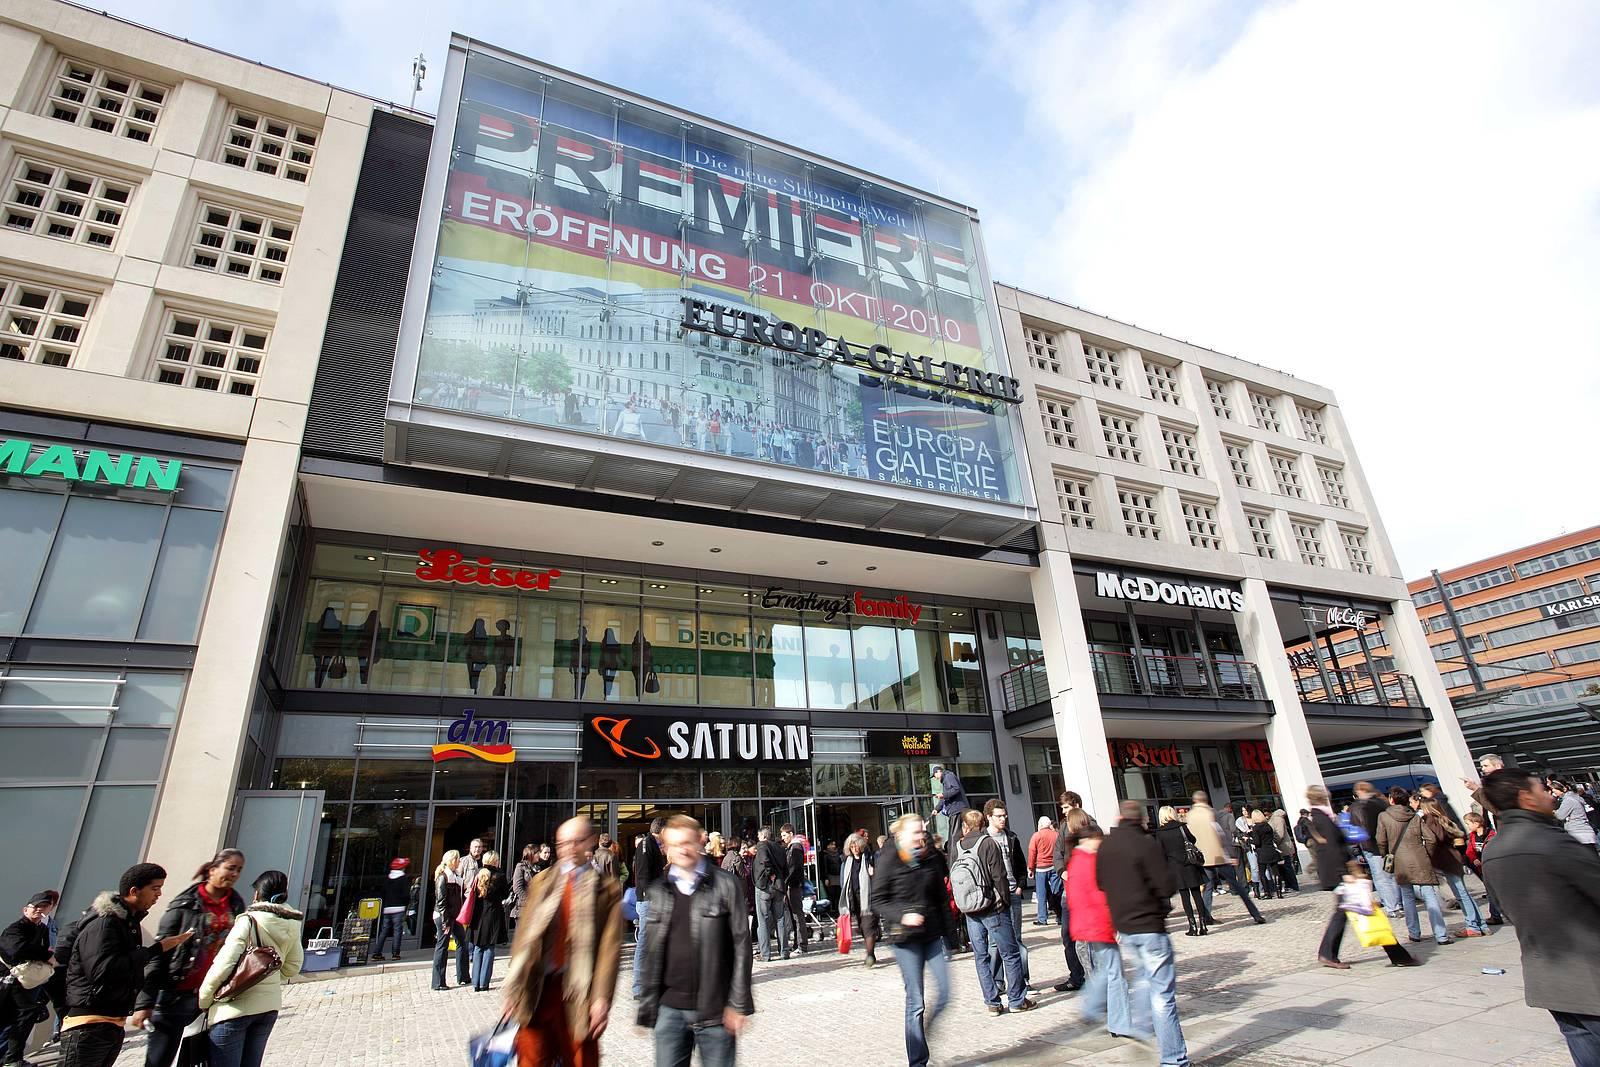 Europa Galerie Saarbrucken Centre Comerciale Si Mari Magazine In Saarbrucken Adresă Orar Recenzii Tel 06817559 Infobel